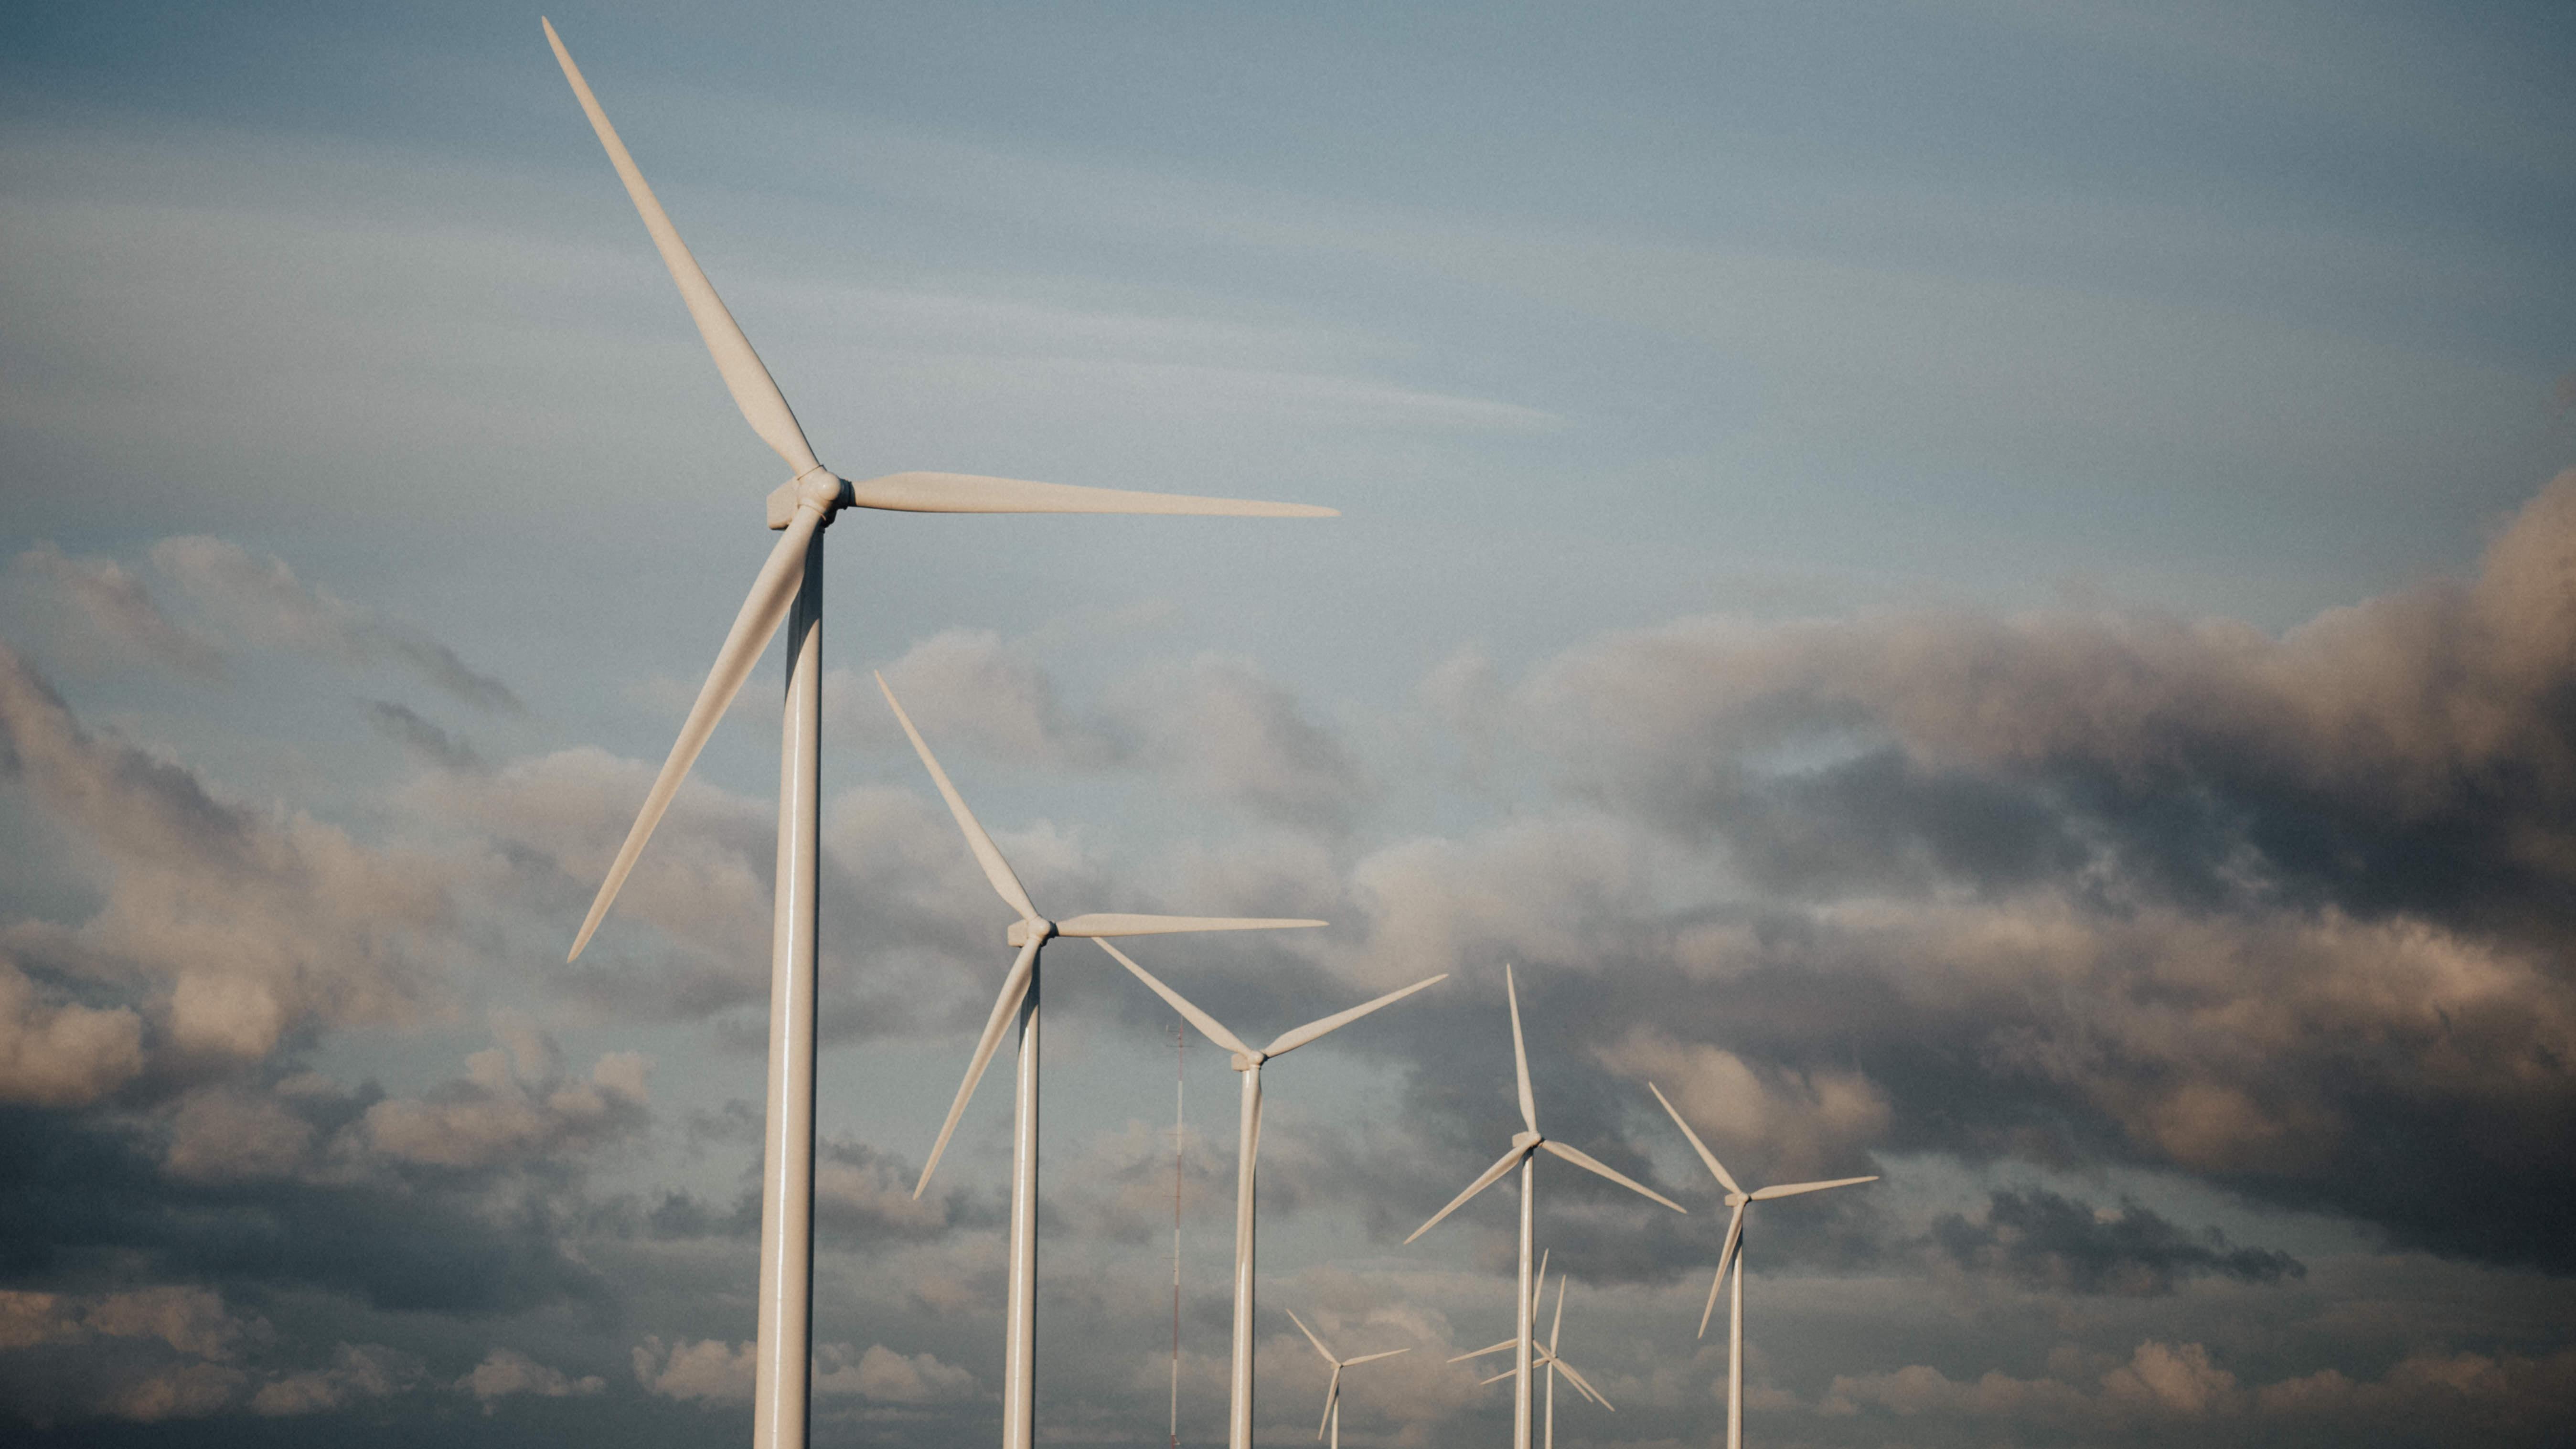 several windmills